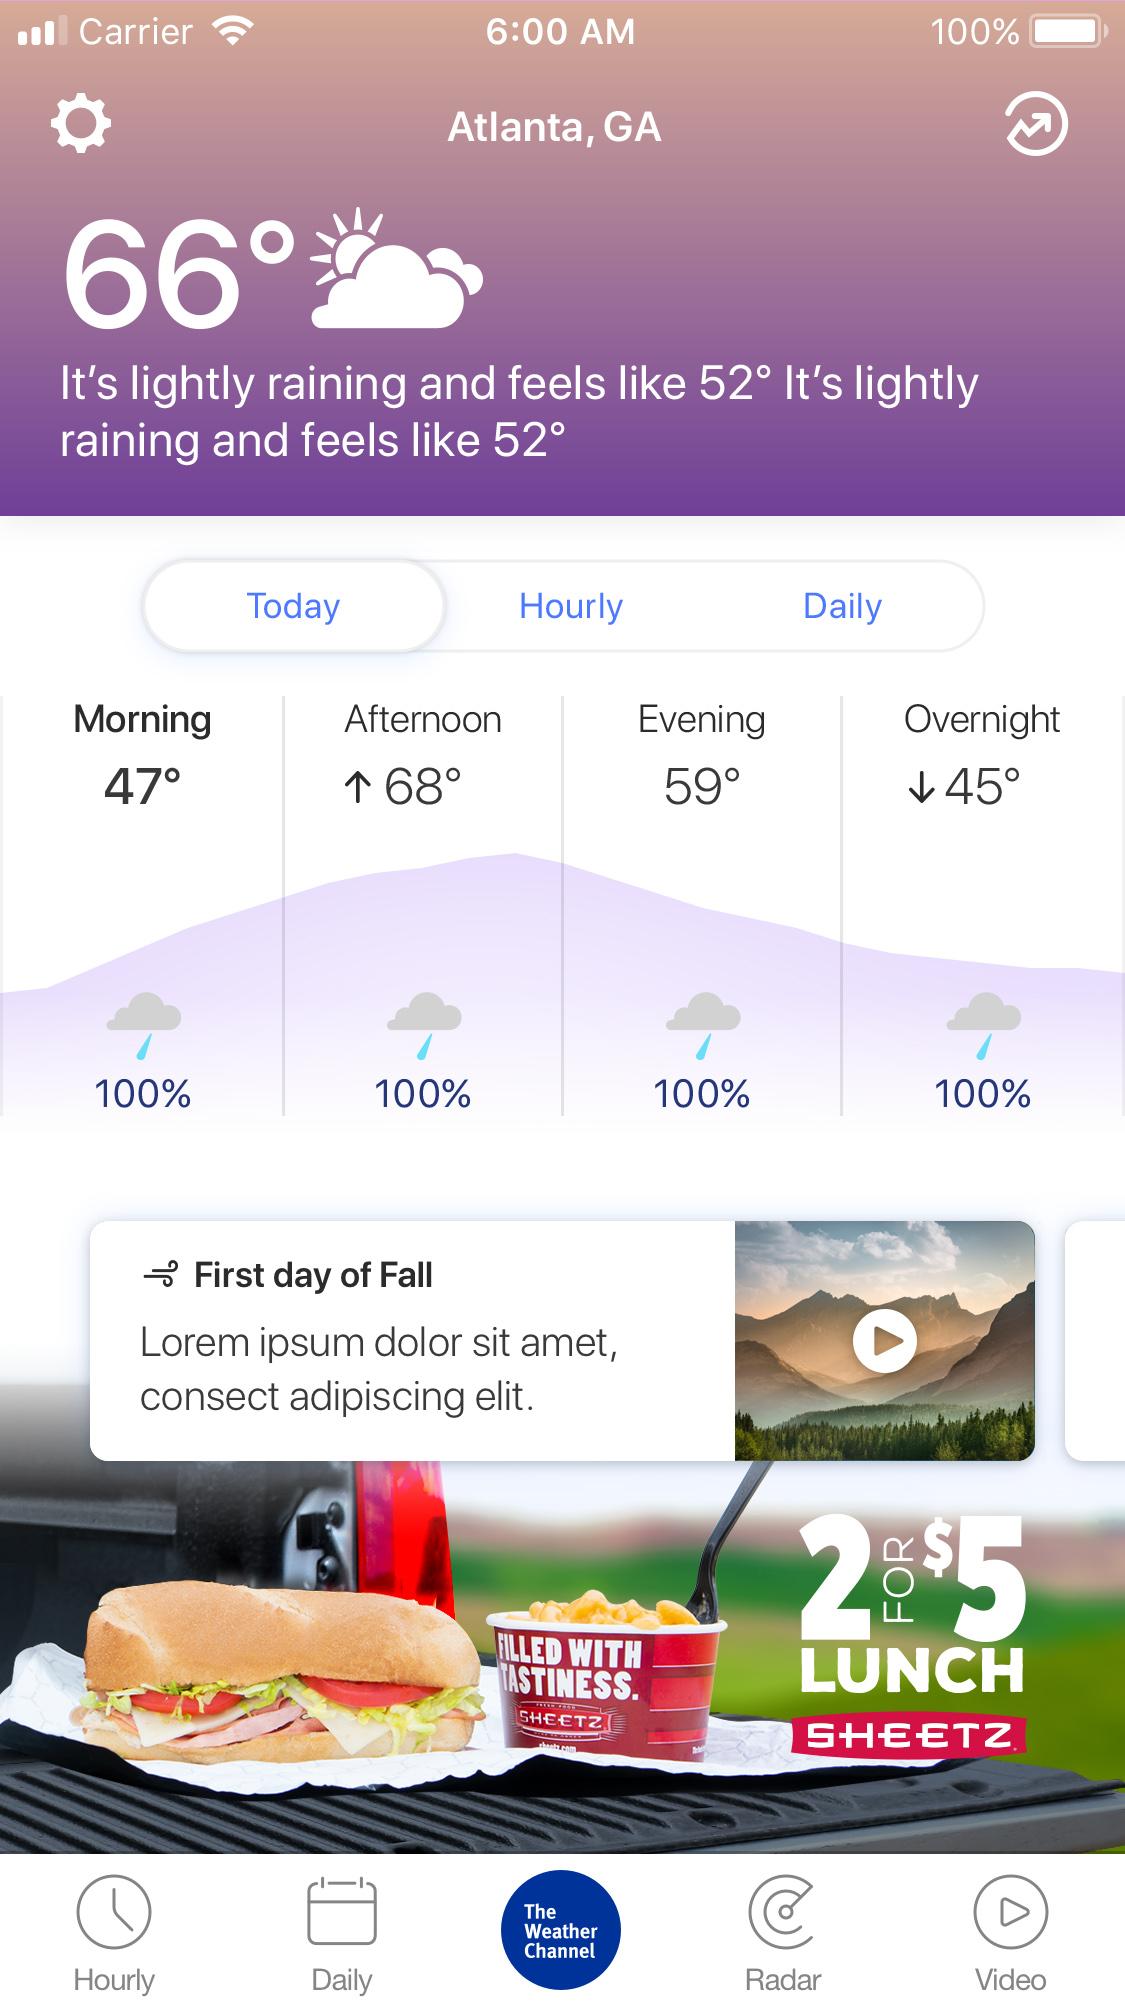 Sheetz_003_Cloudy Day